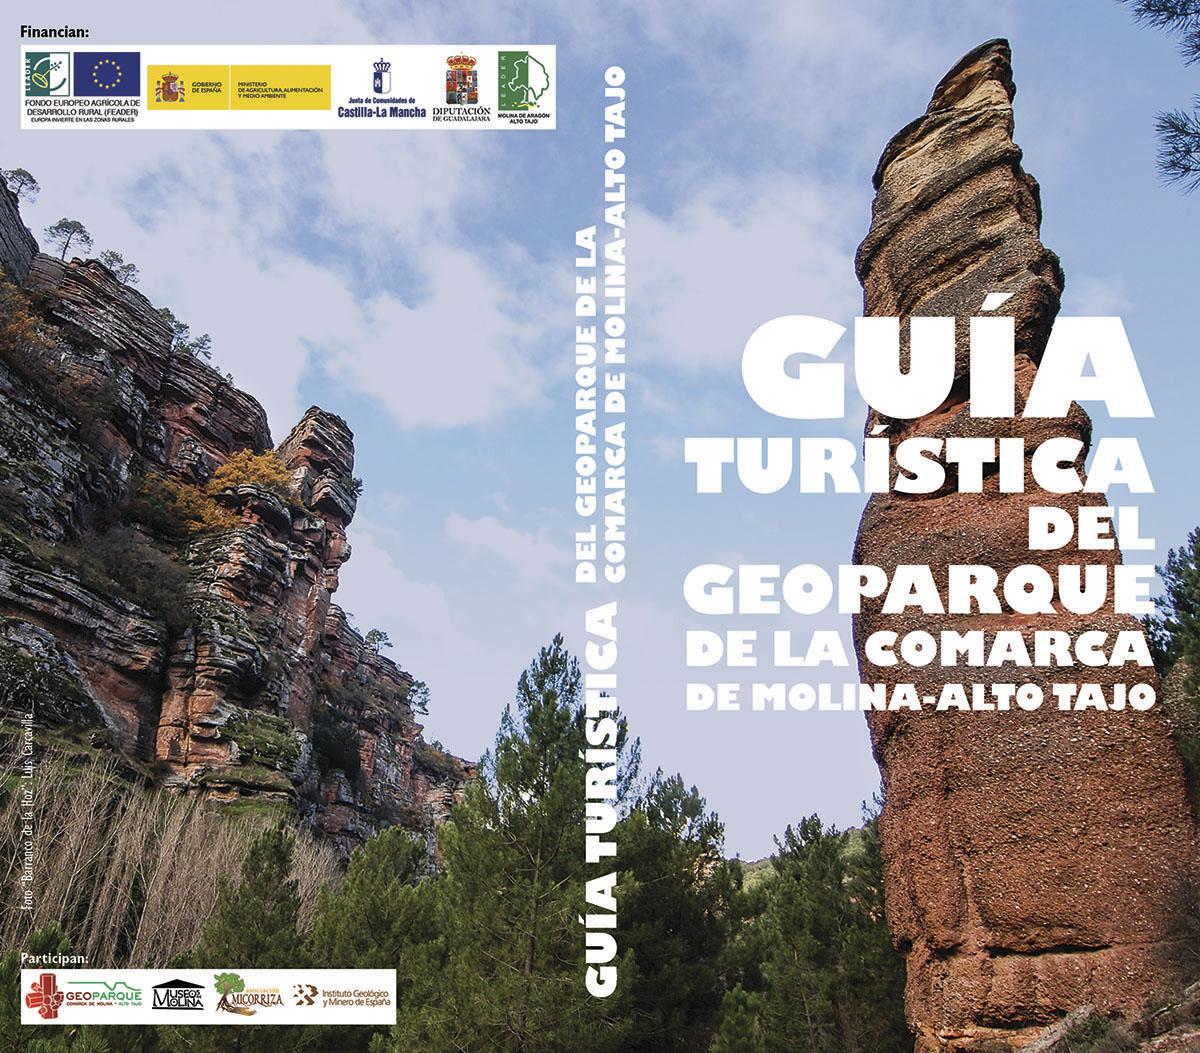 Guia turistica del Geoparque de la Comarca de Molina-Alto Tajo_portada